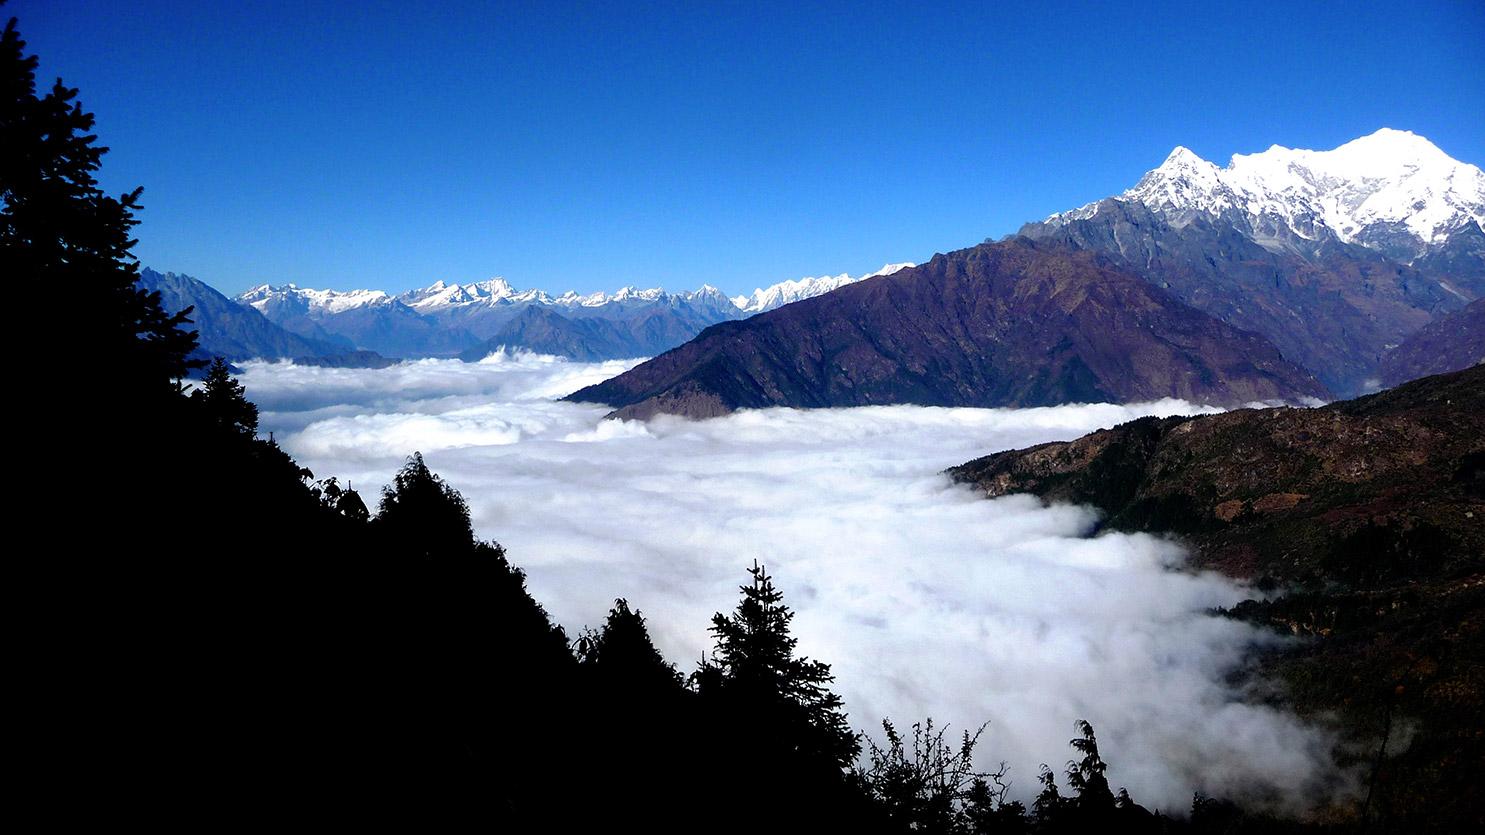 Mer de nuages sur la vallée du Langtang